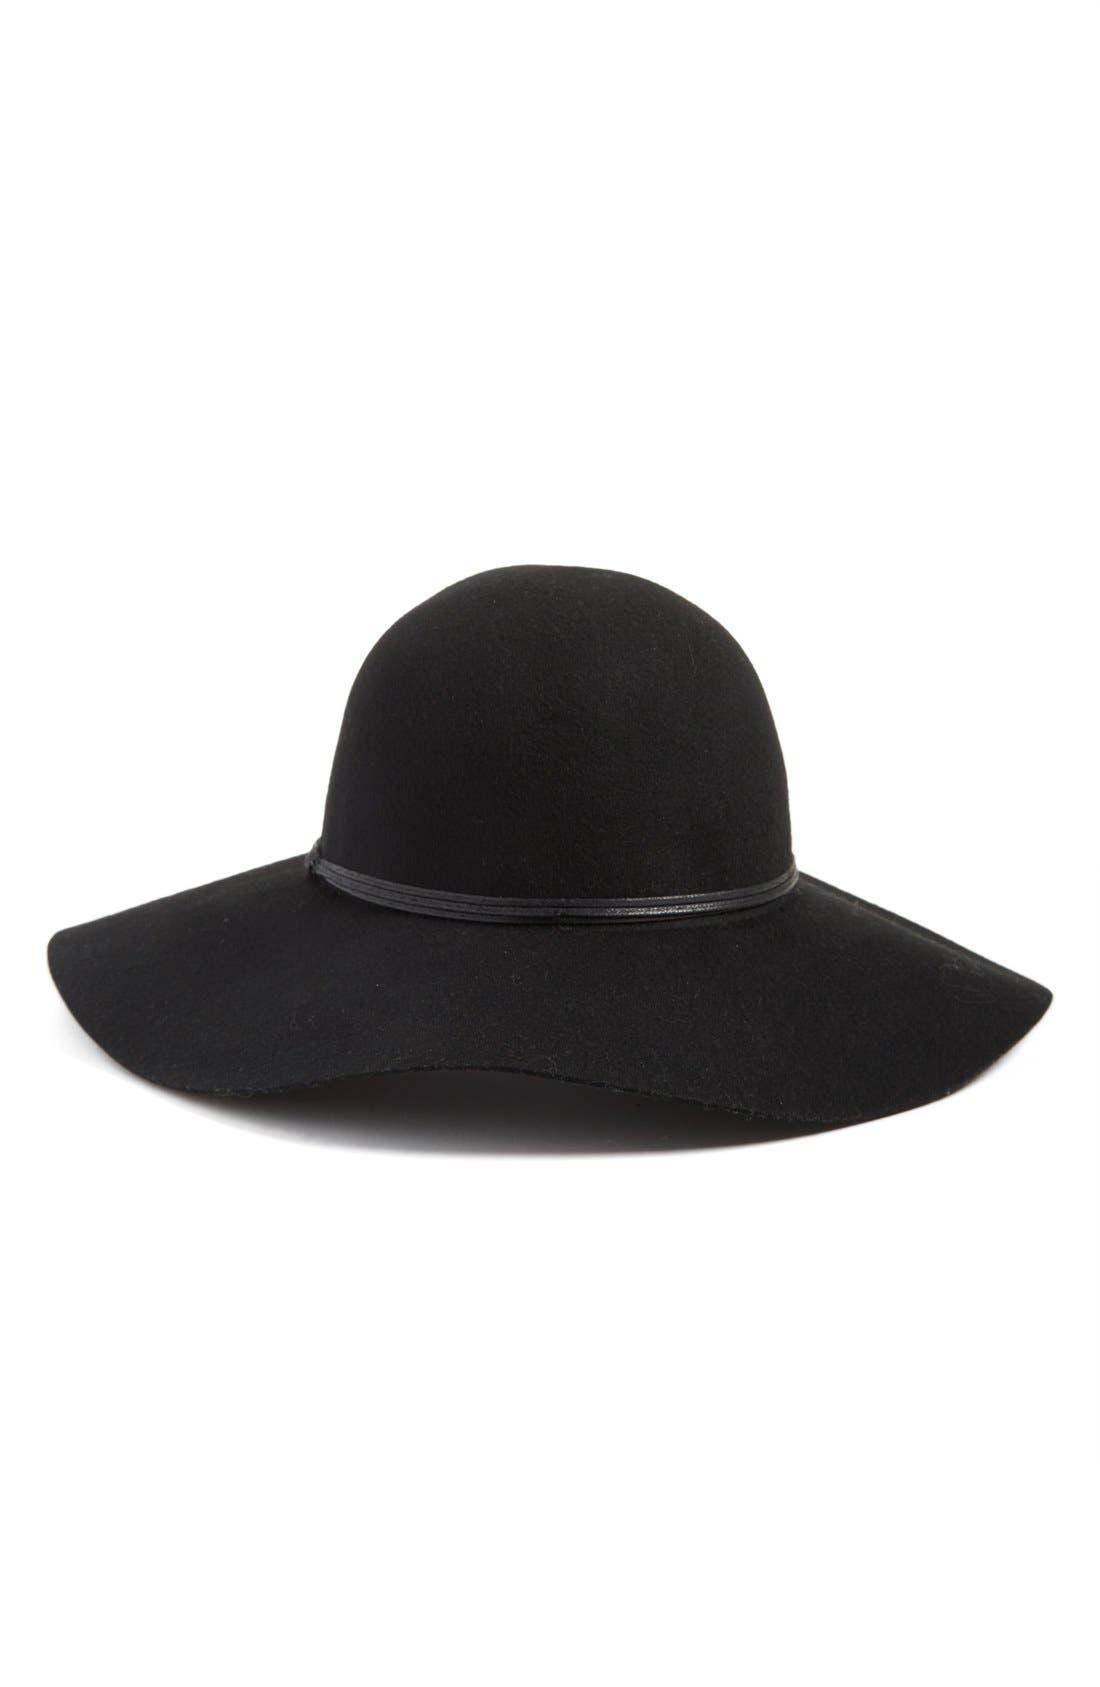 Alternate Image 1 Selected - Hinge Floppy Wool Hat